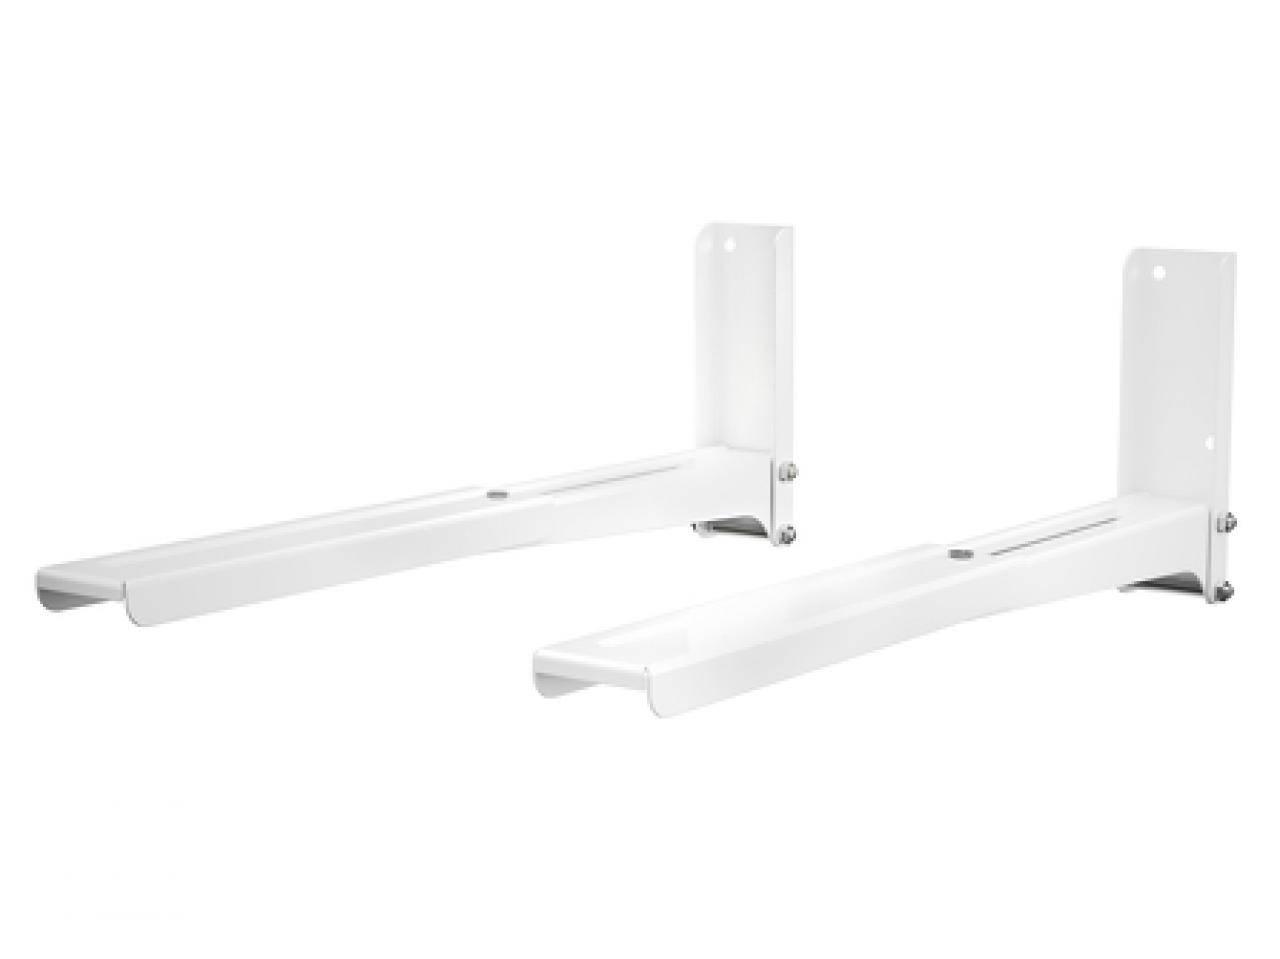 Виды креплений для установки микроволновки на стену - самстрой - строительство, дизайн, архитектура.